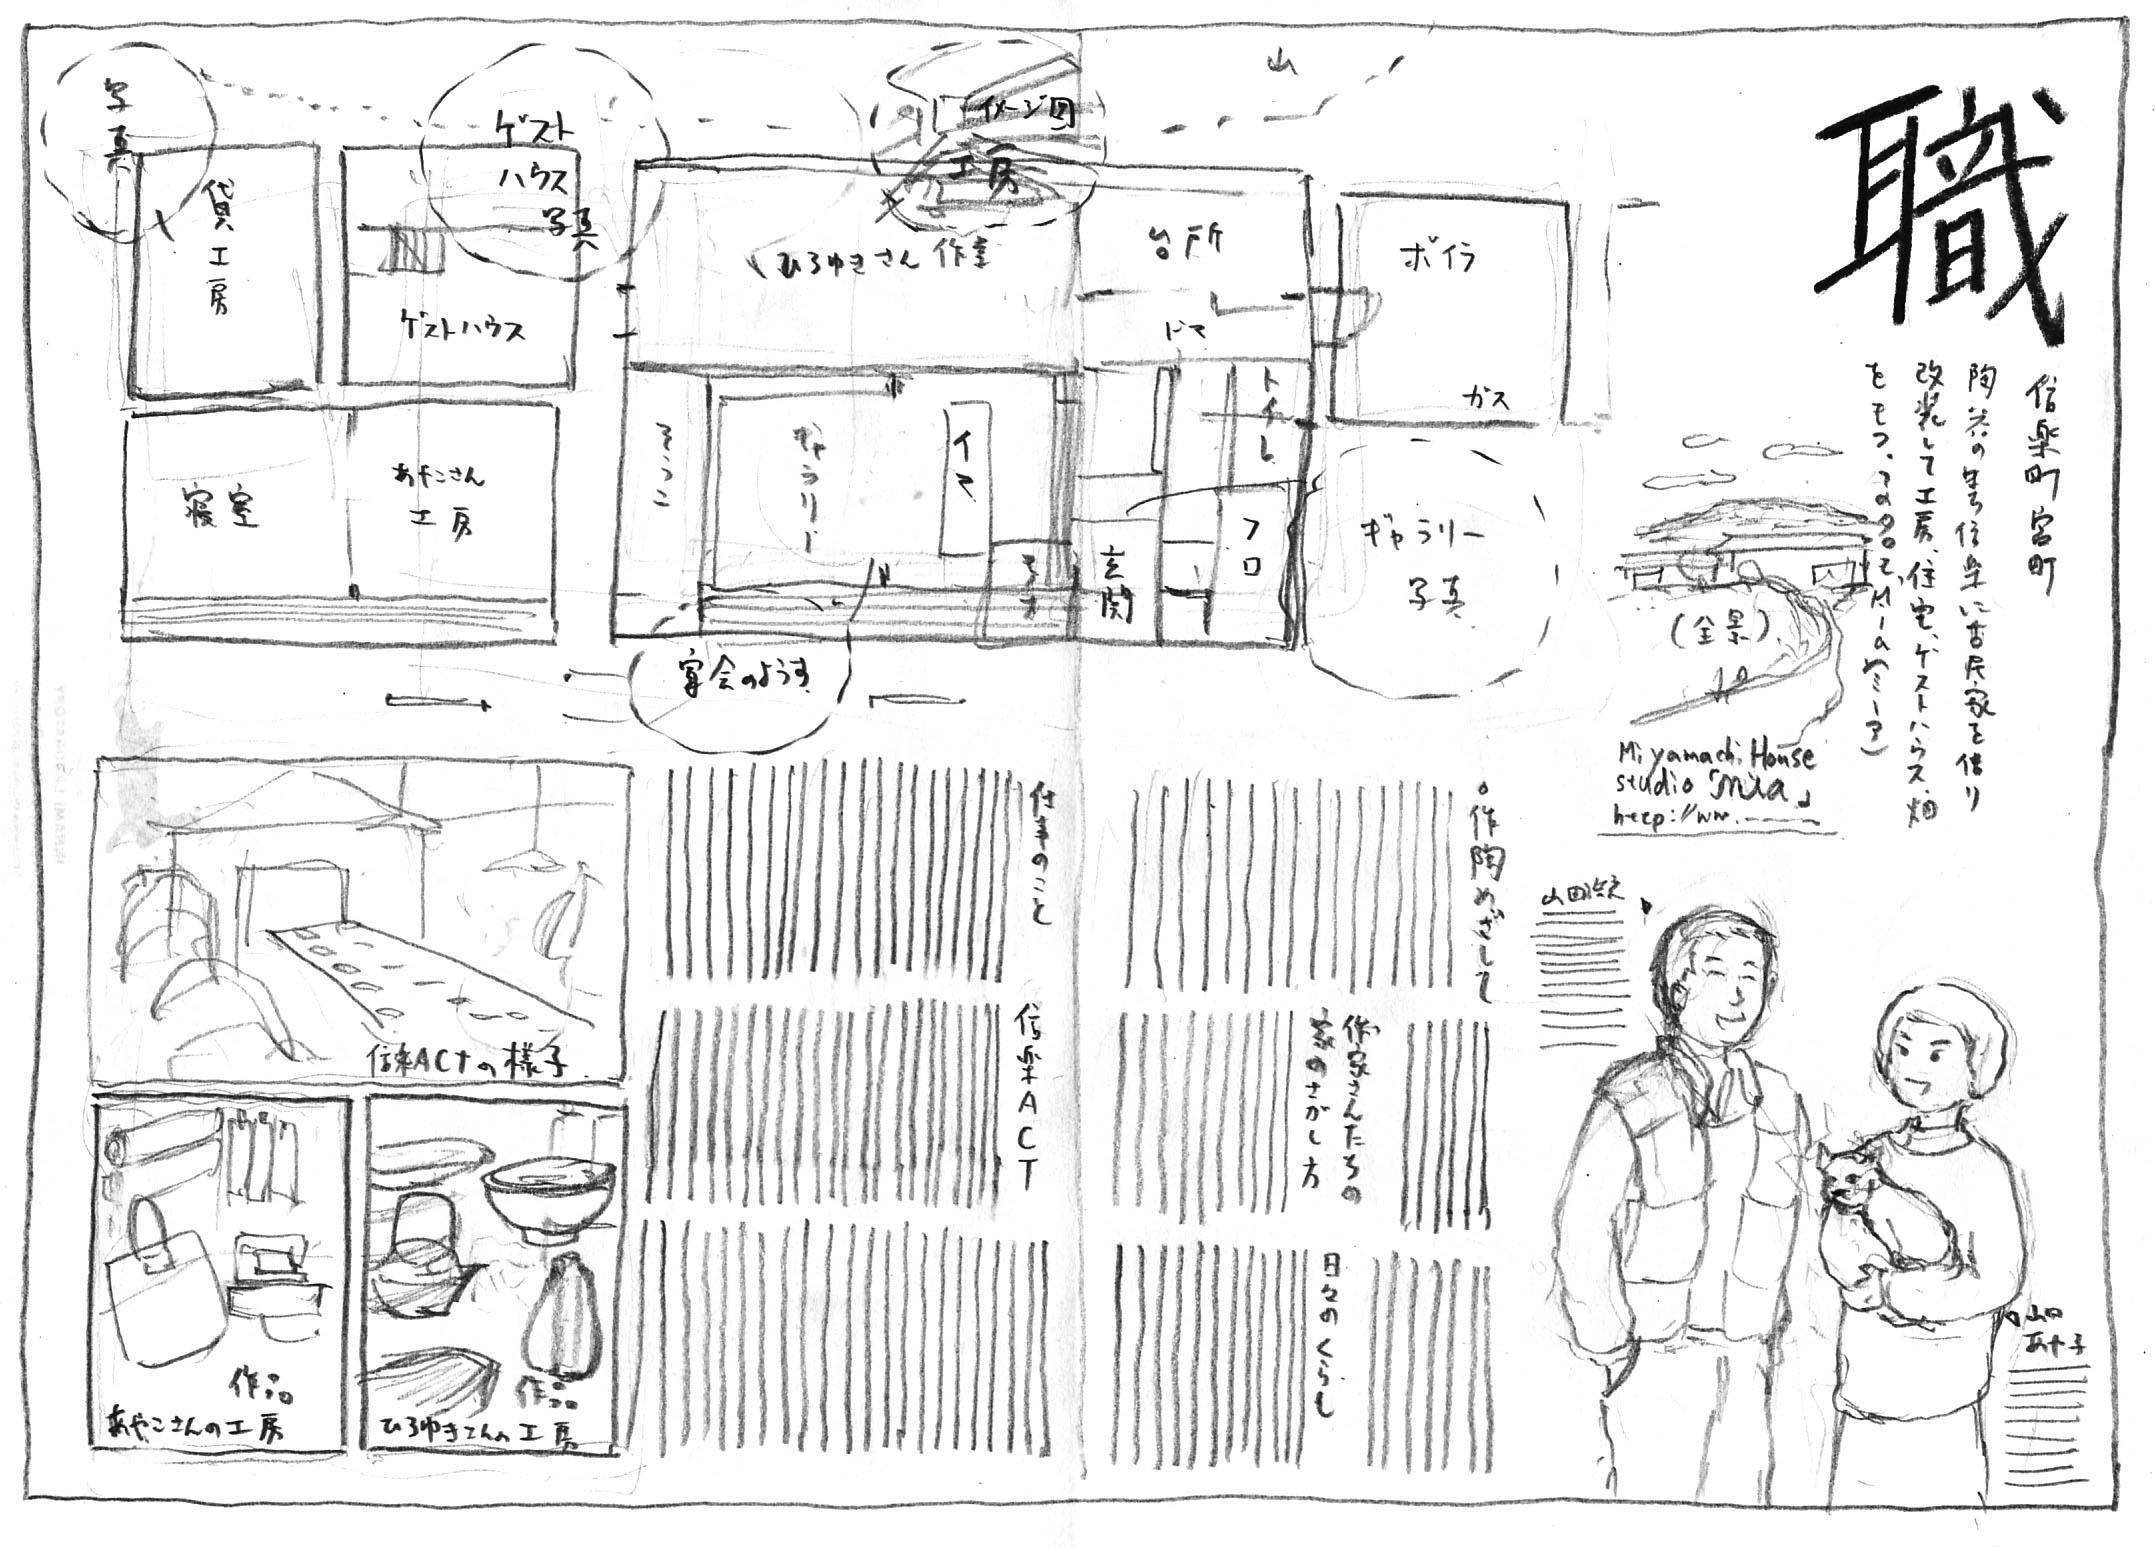 人×すまい ビジネス編ー信楽宮町ハウスー(イレギュラーターン)_c0202060_1172493.jpg